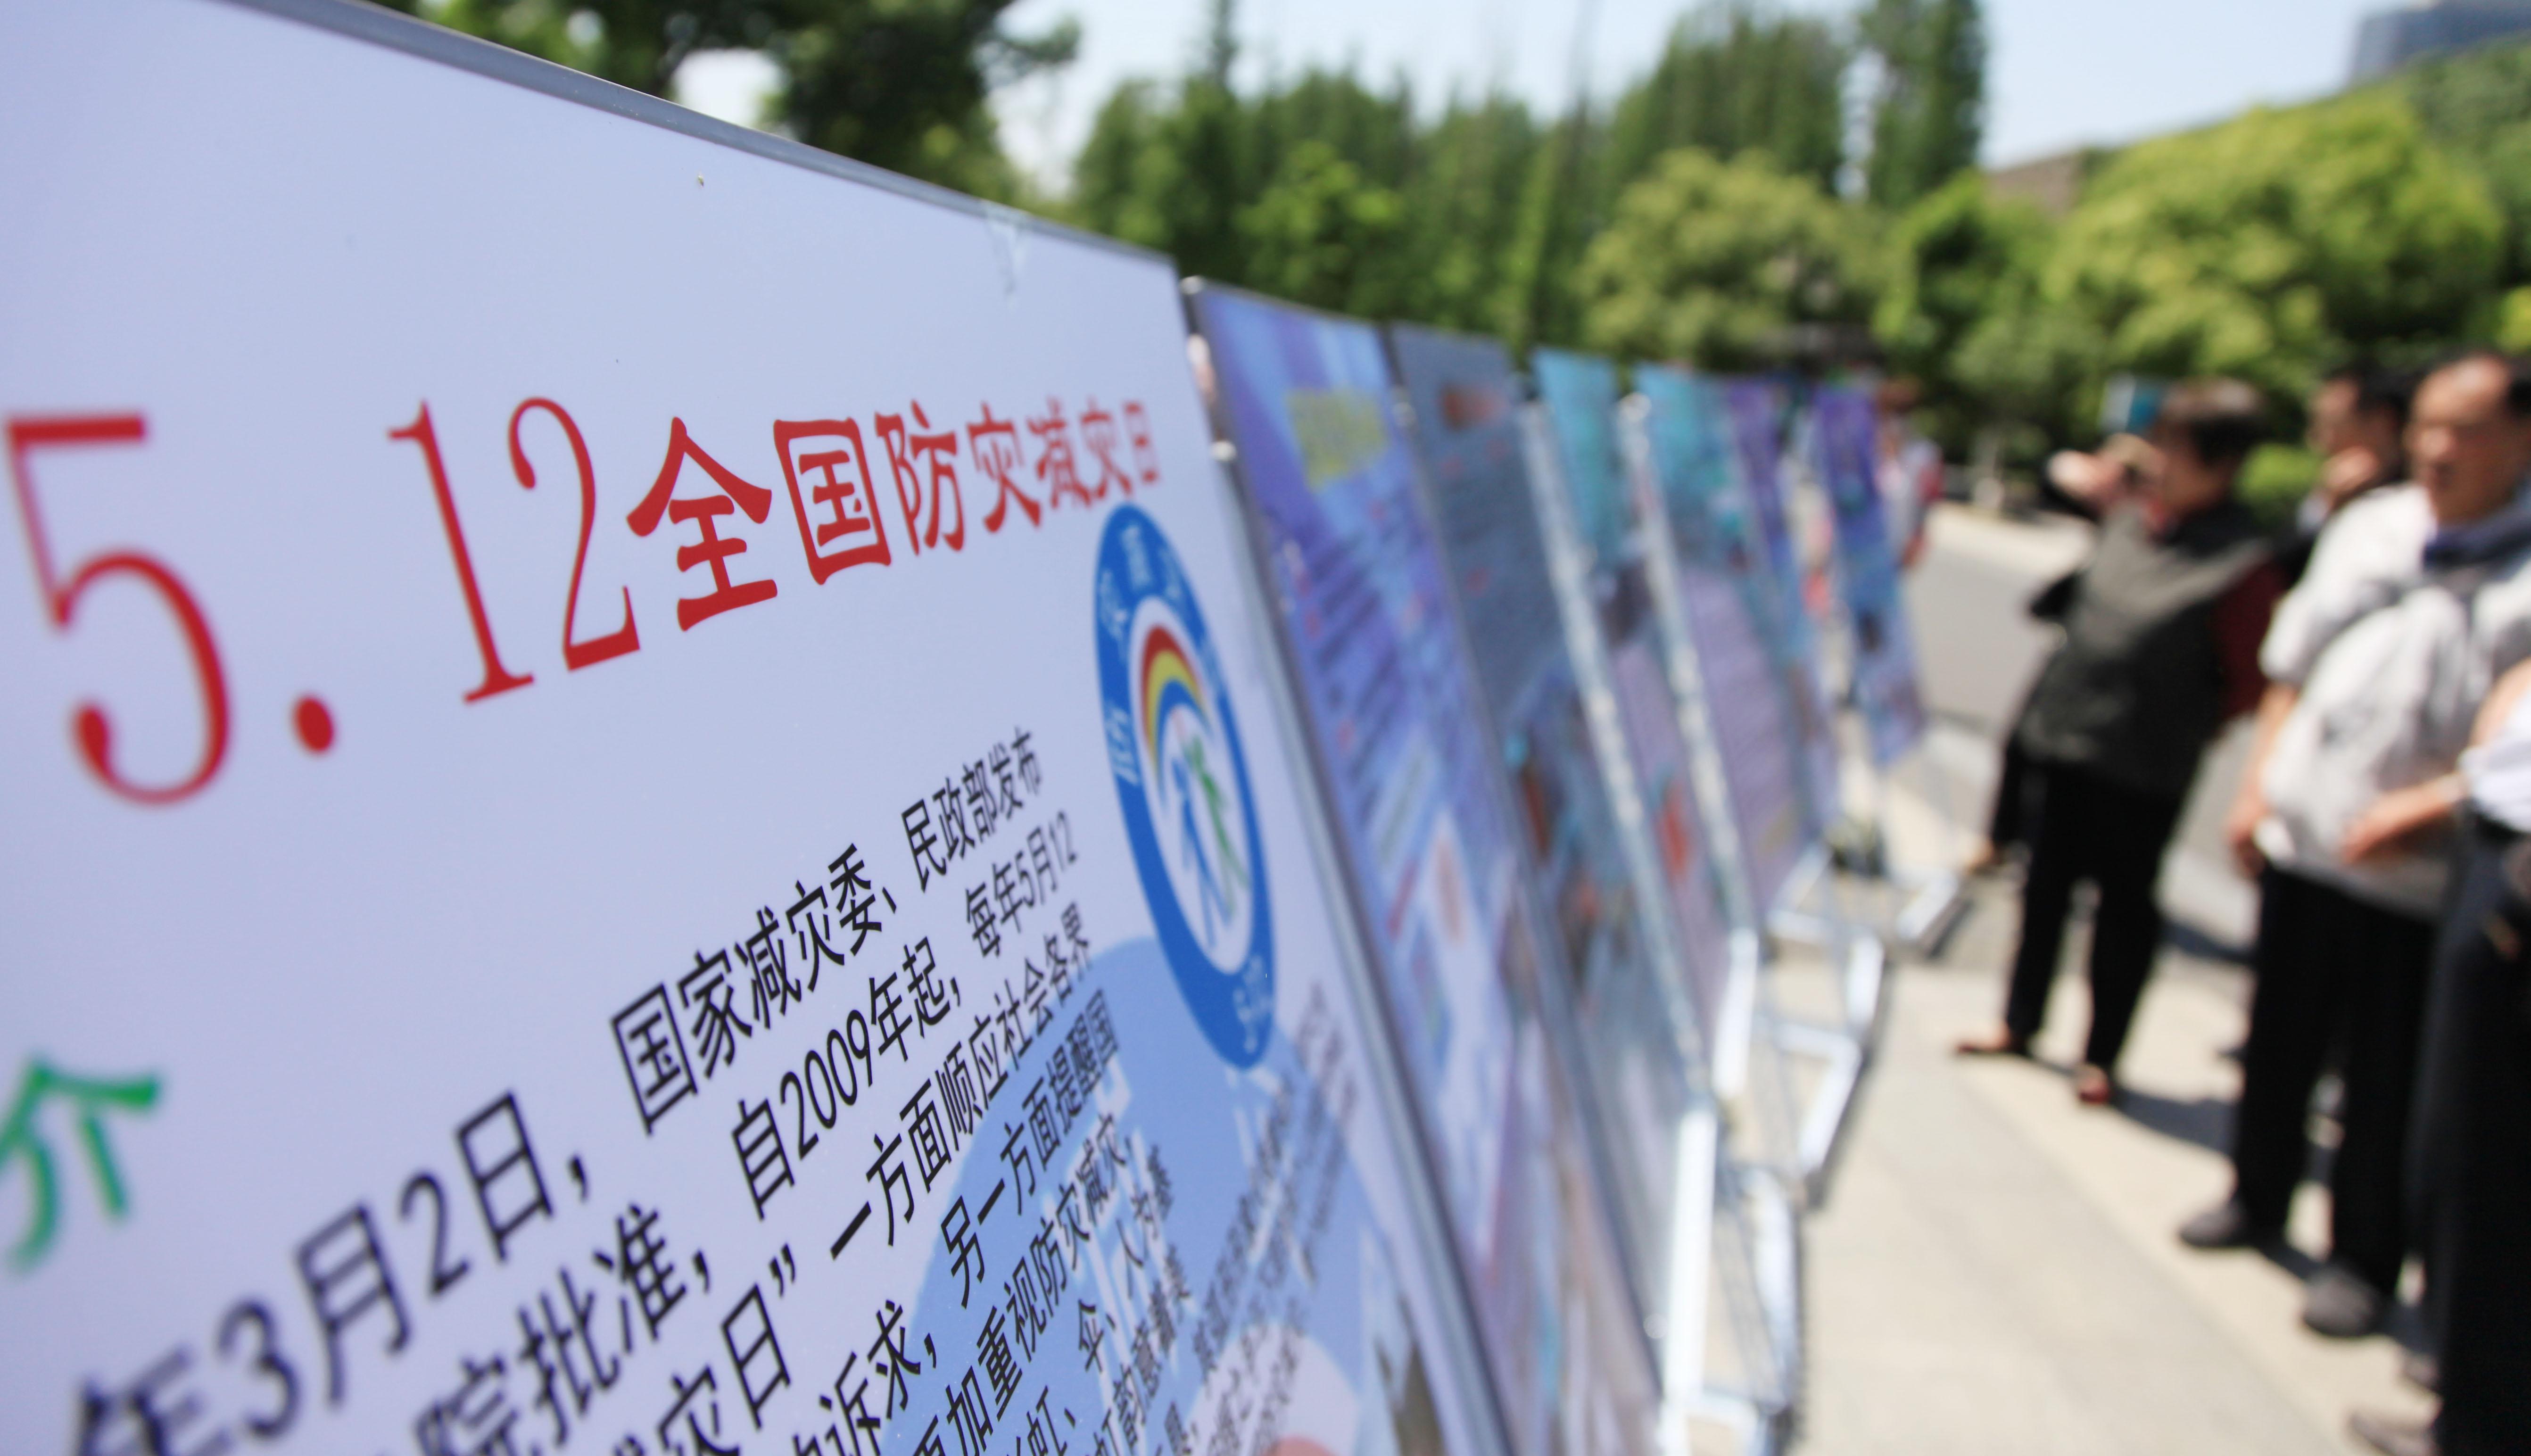 p2pinganzhongguo-4